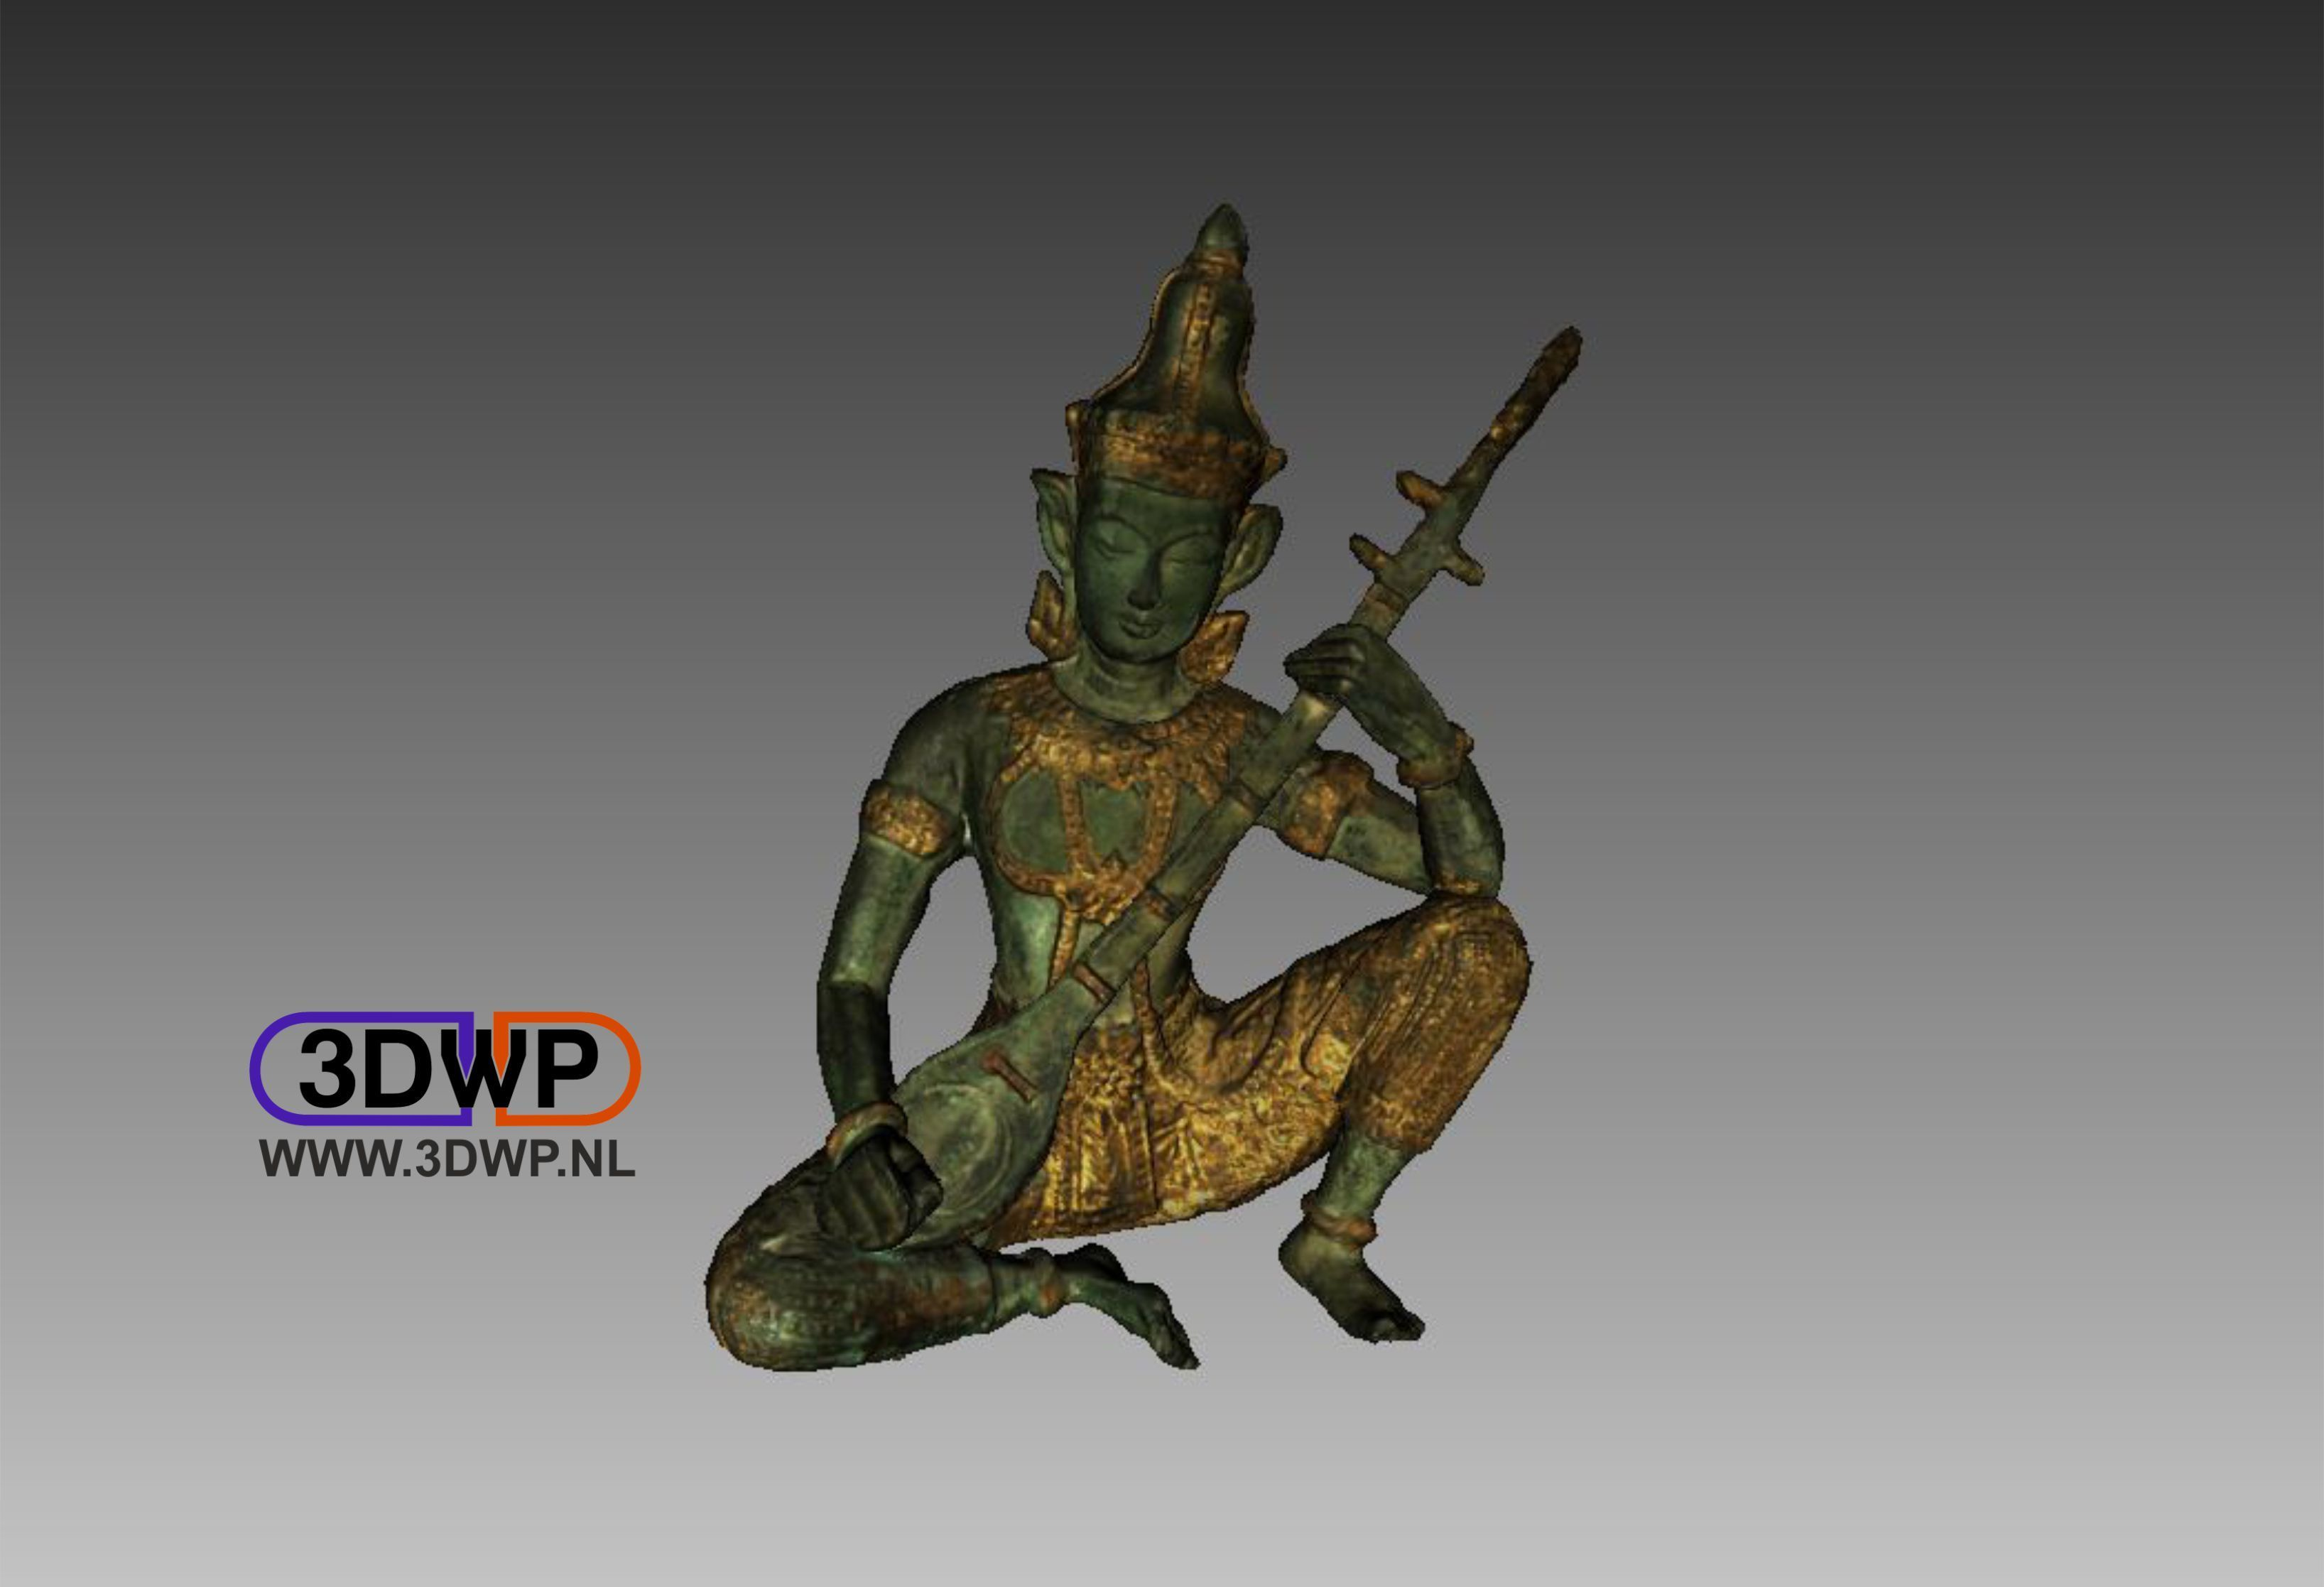 Indian1.jpg Télécharger fichier STL gratuit Sculpture de Dieu indien Scan 3D • Plan imprimable en 3D, 3DWP